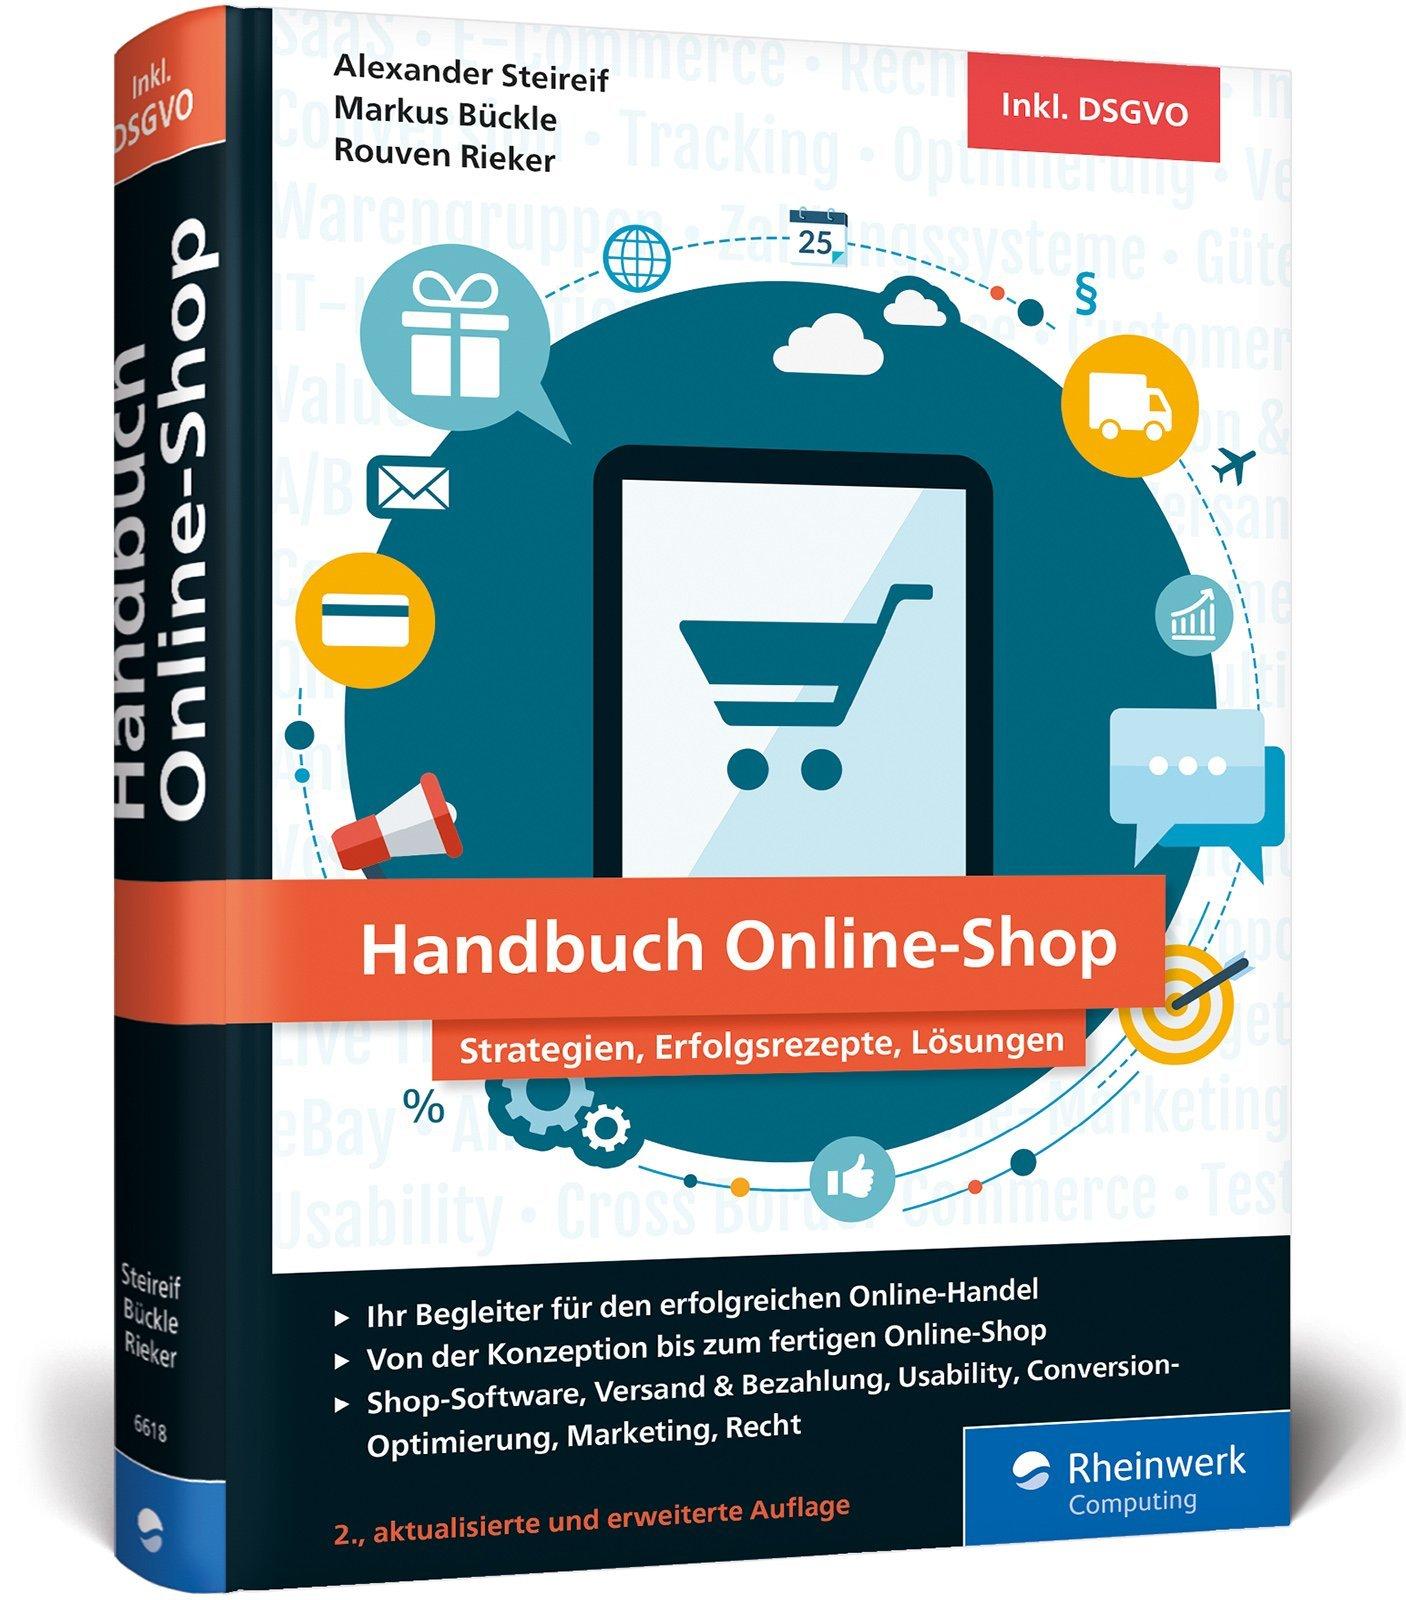 Handbuch Online-Shop: Erfolgsrezepte für den Online-Handel Gebundenes Buch – 21. Dezember 2018 Alexander Steireif Markus Bückle Rouven Alexander Rieker Rheinwerk Computing